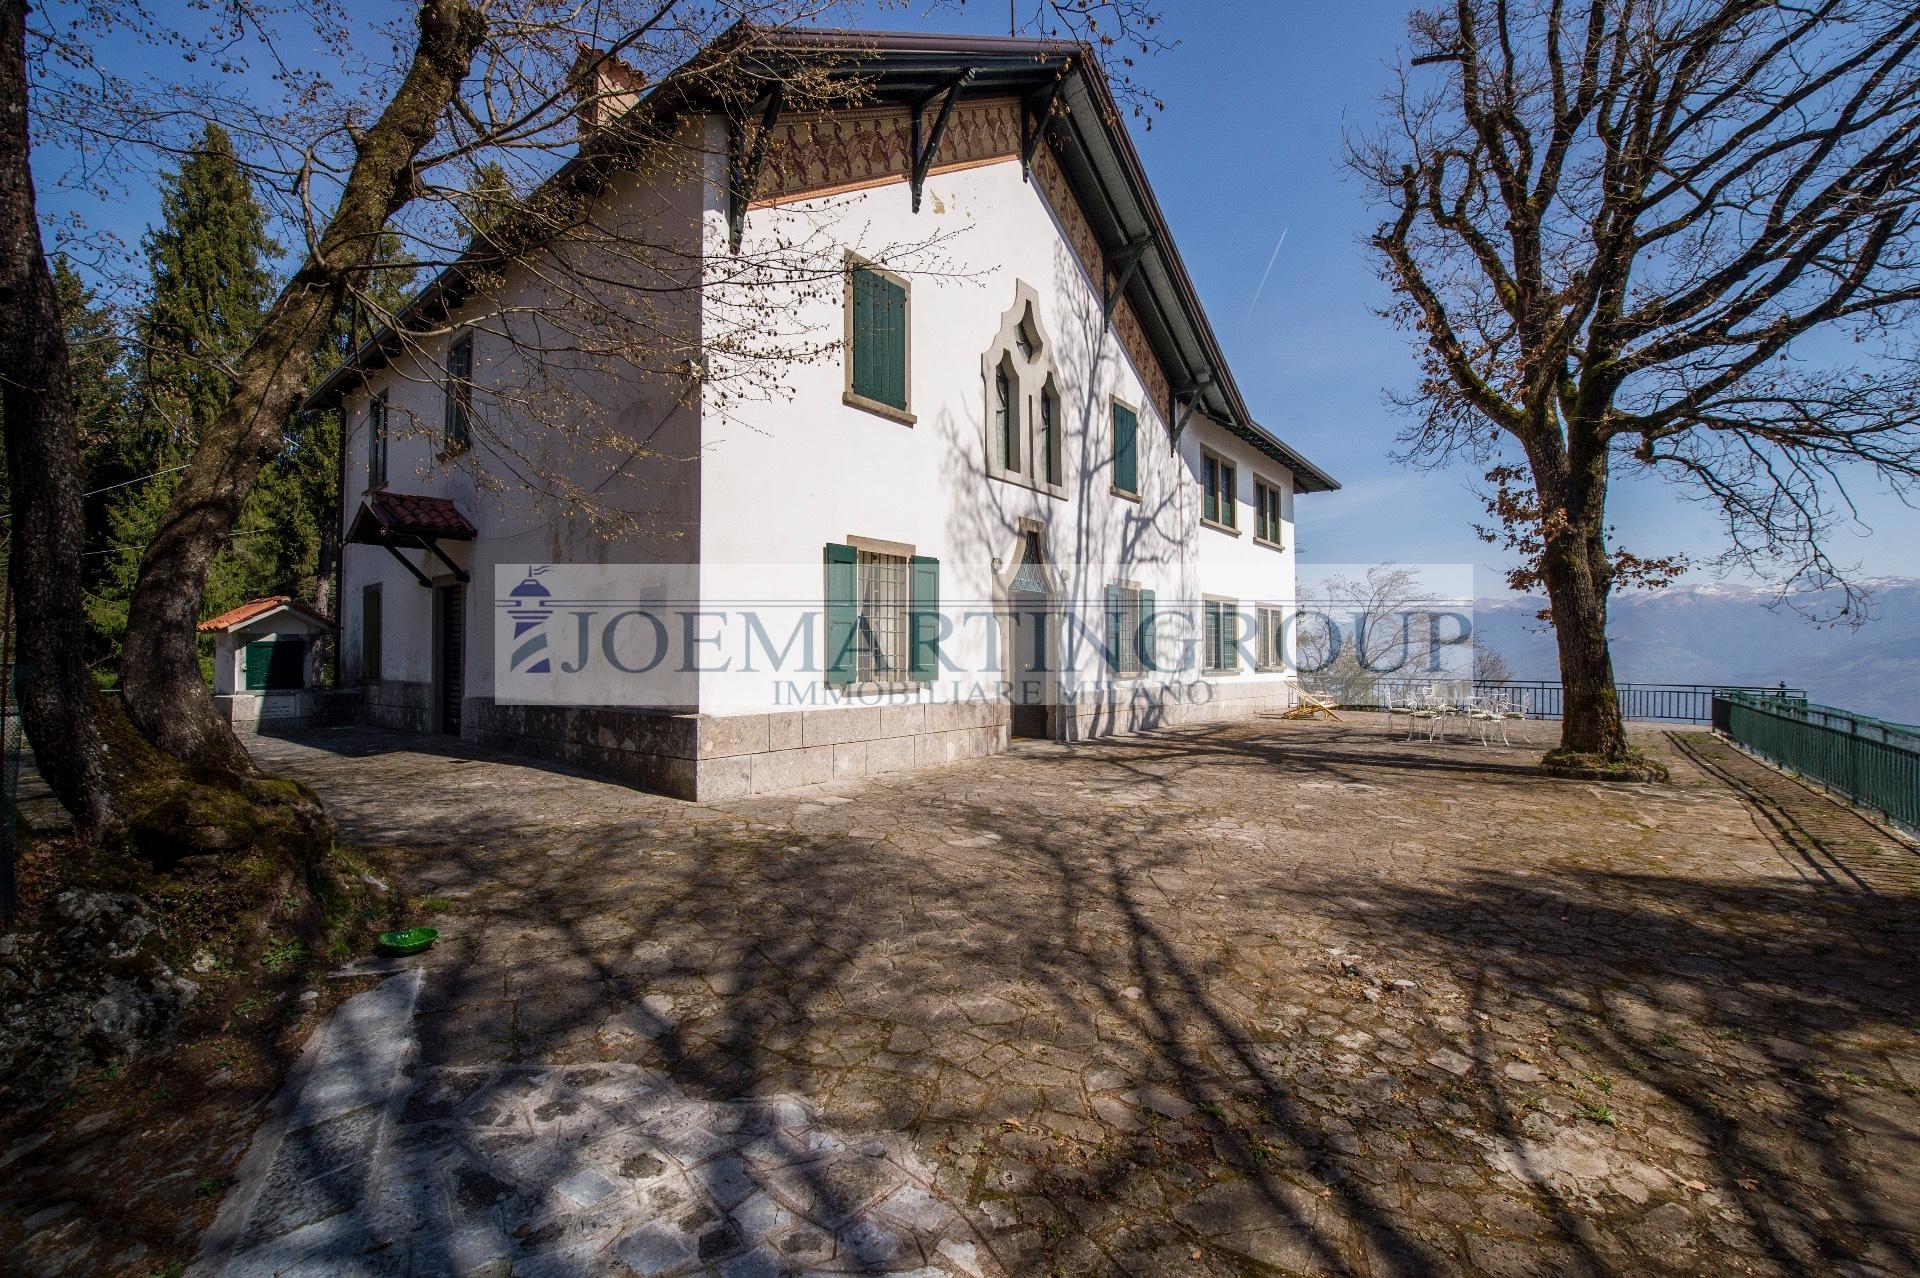 Villa in Vendita a Lovere - Località Altipiani di Bossico Cod. CVJMV288